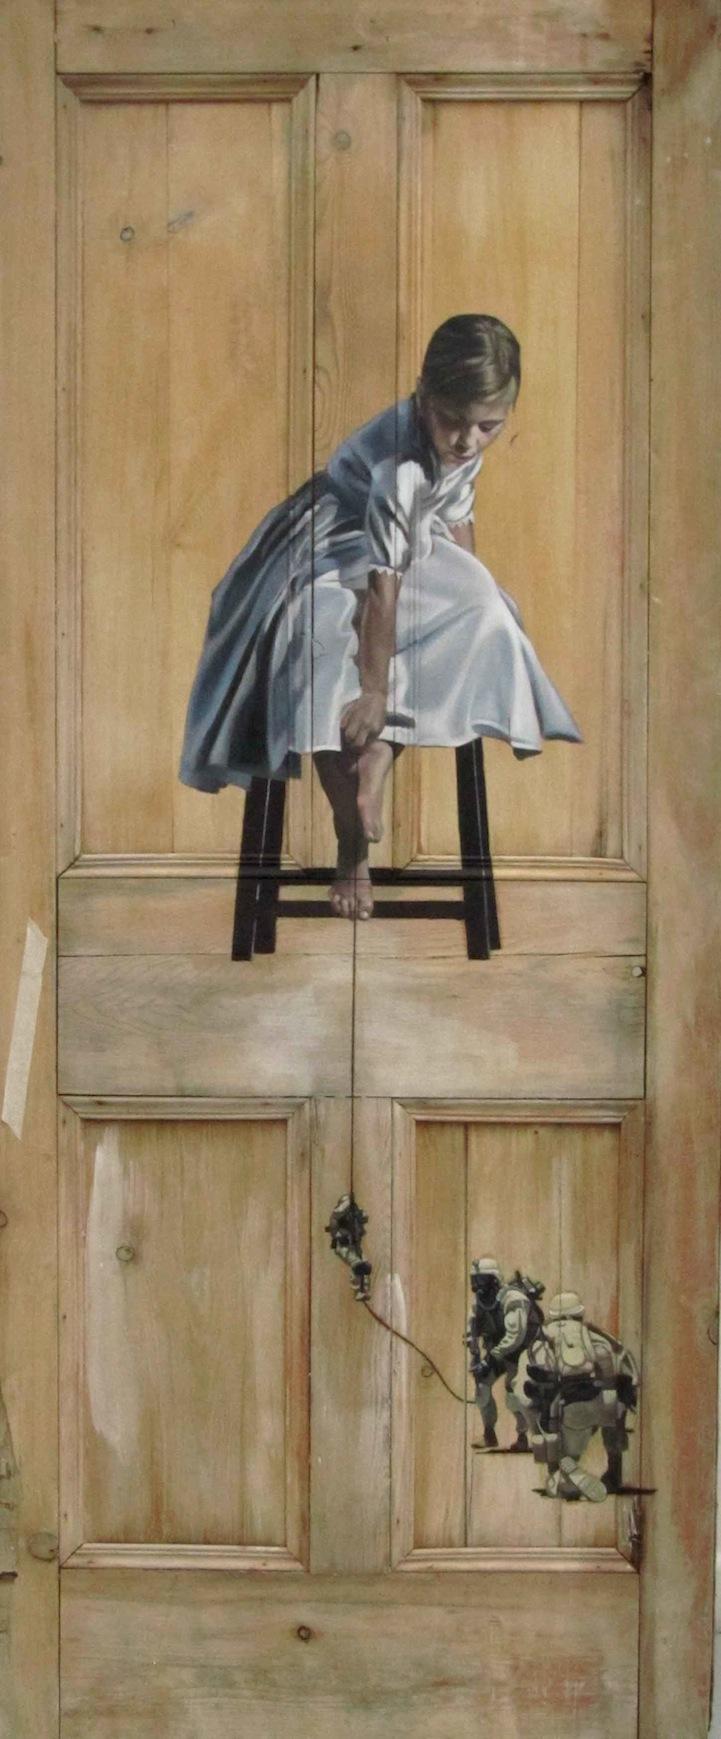 Doors paintings best 25 painting doors ideas on for Idea door yw